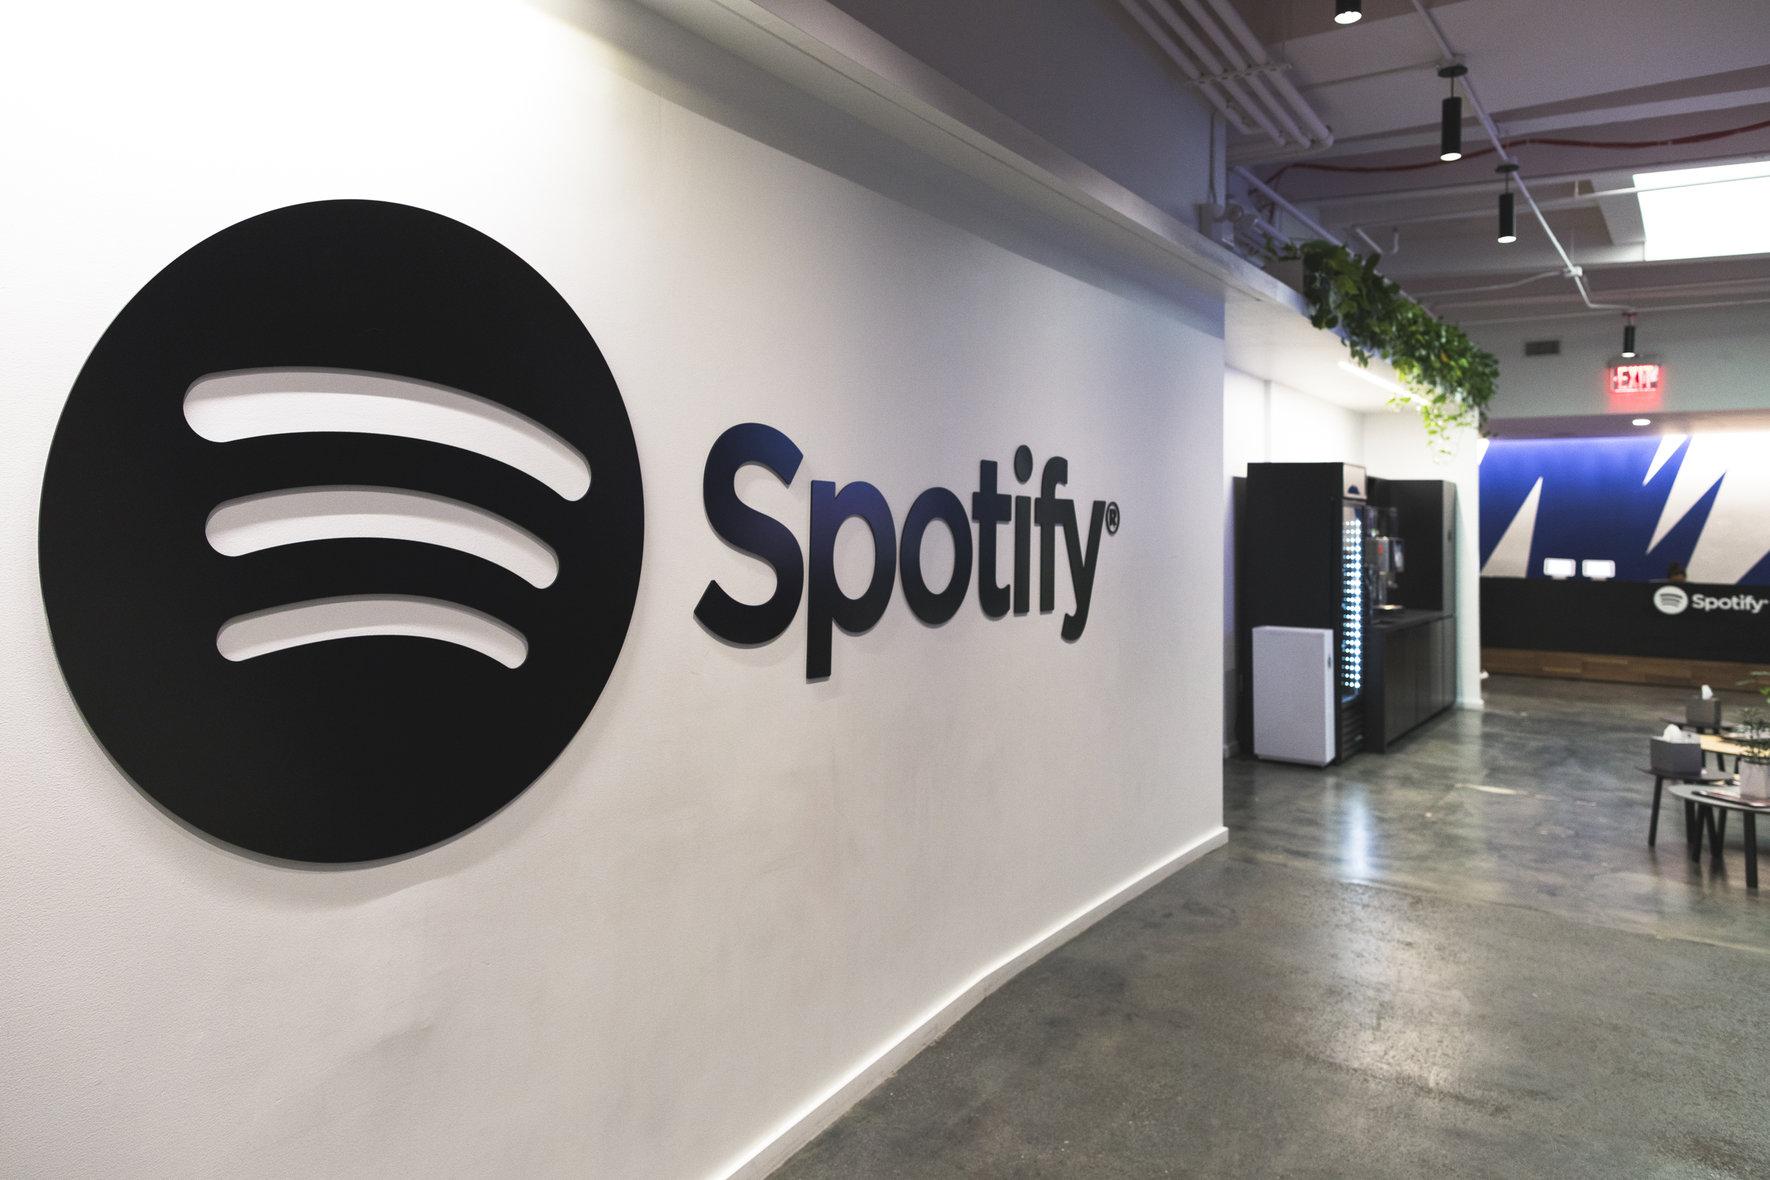 Spotify Reception in NY